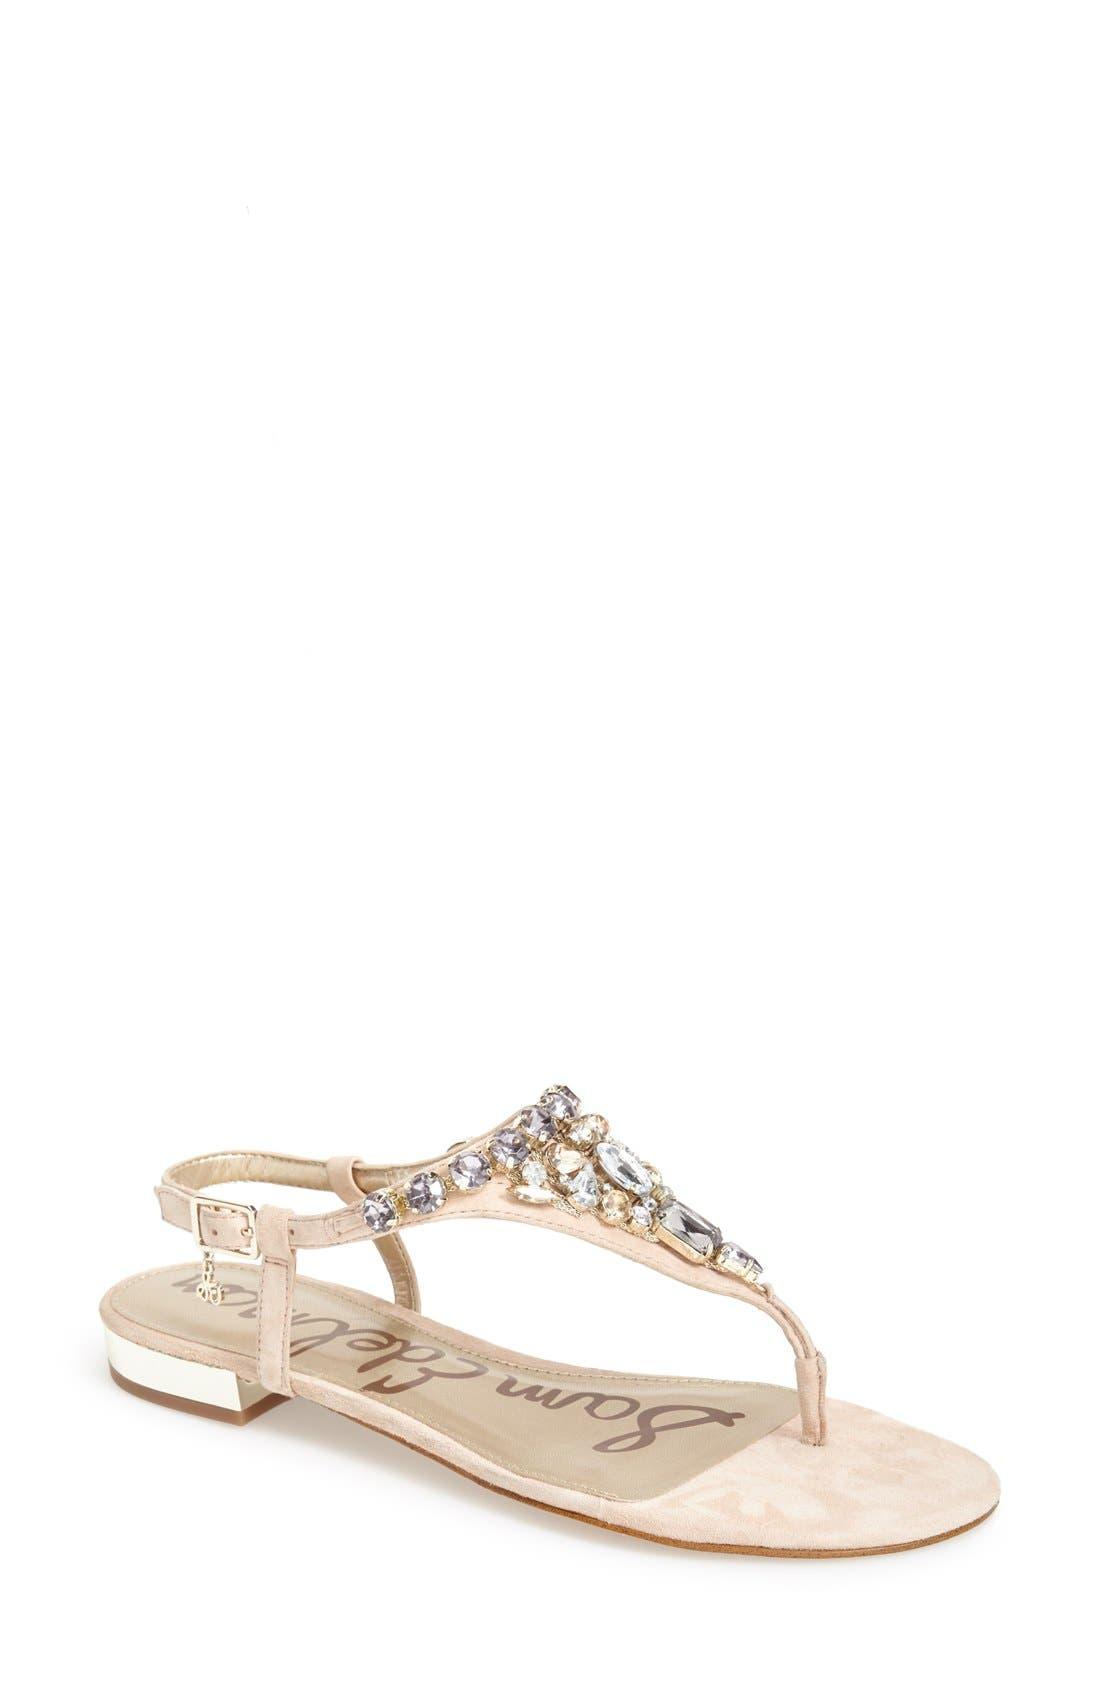 Main Image - Sam Edelman 'Dayton' Embellished Sandal (Women)